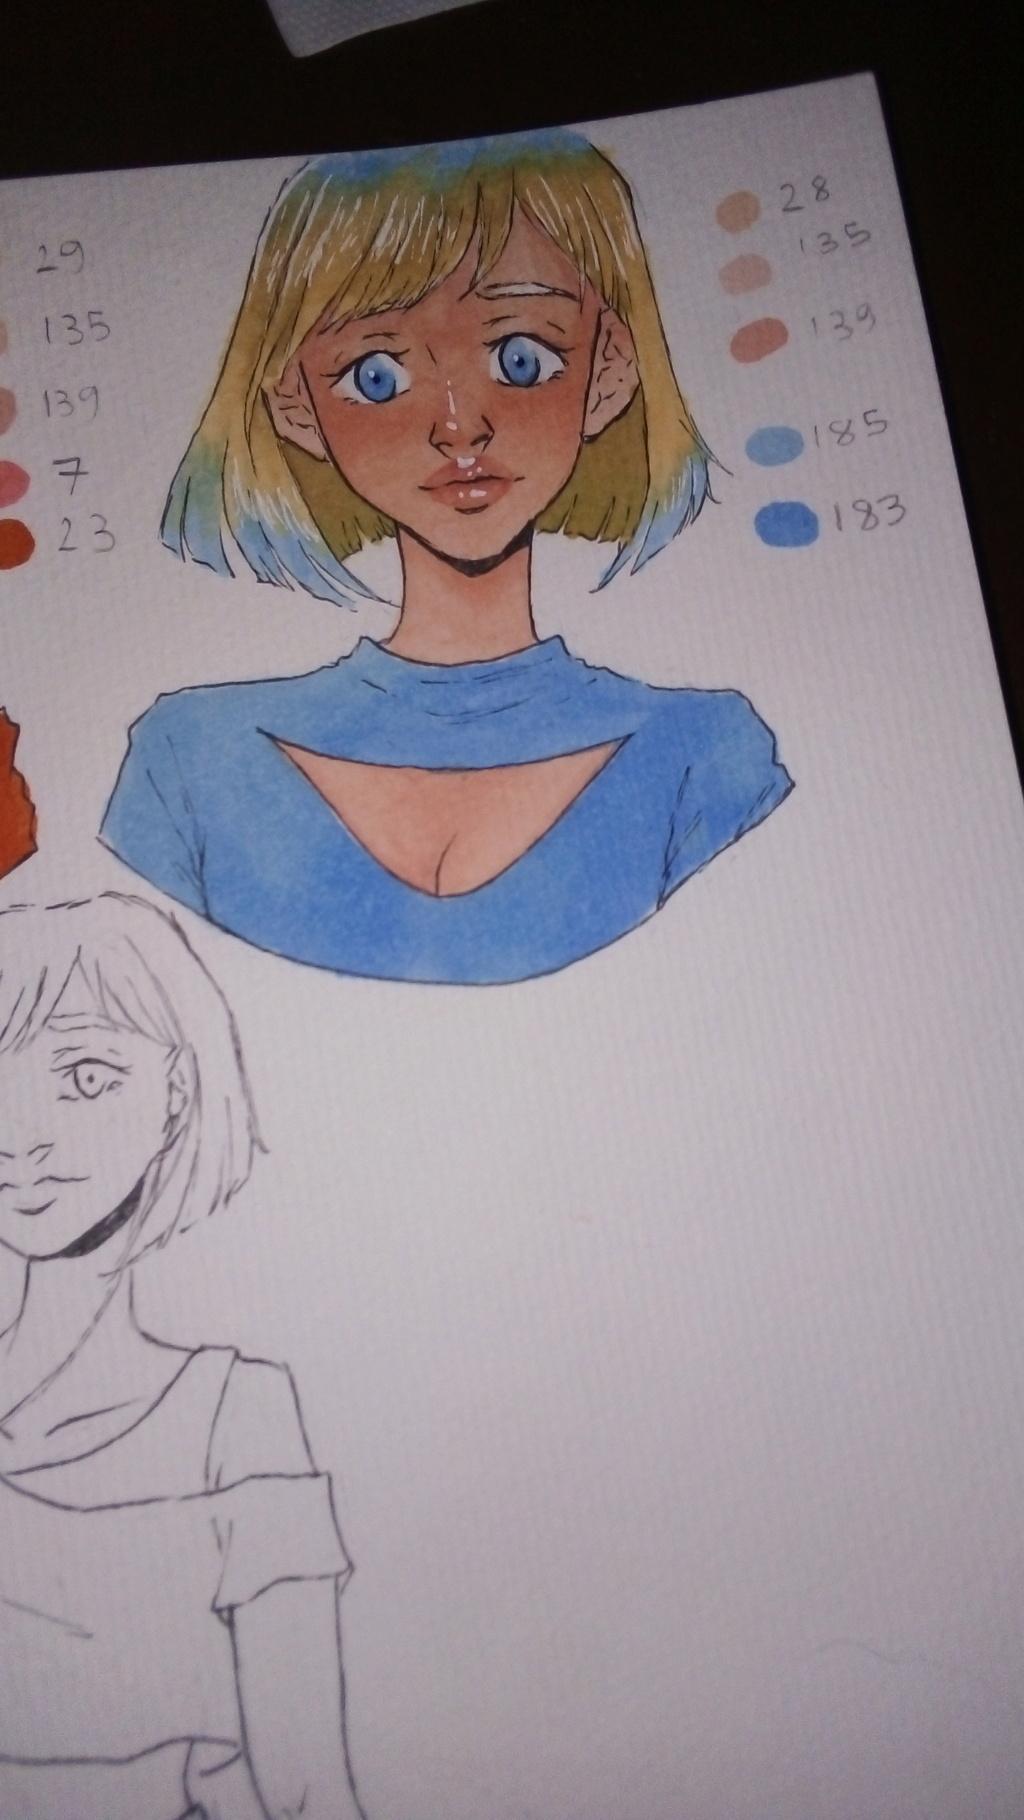 Alcuni sketch o roba ho disegnato di recente  Img-2010